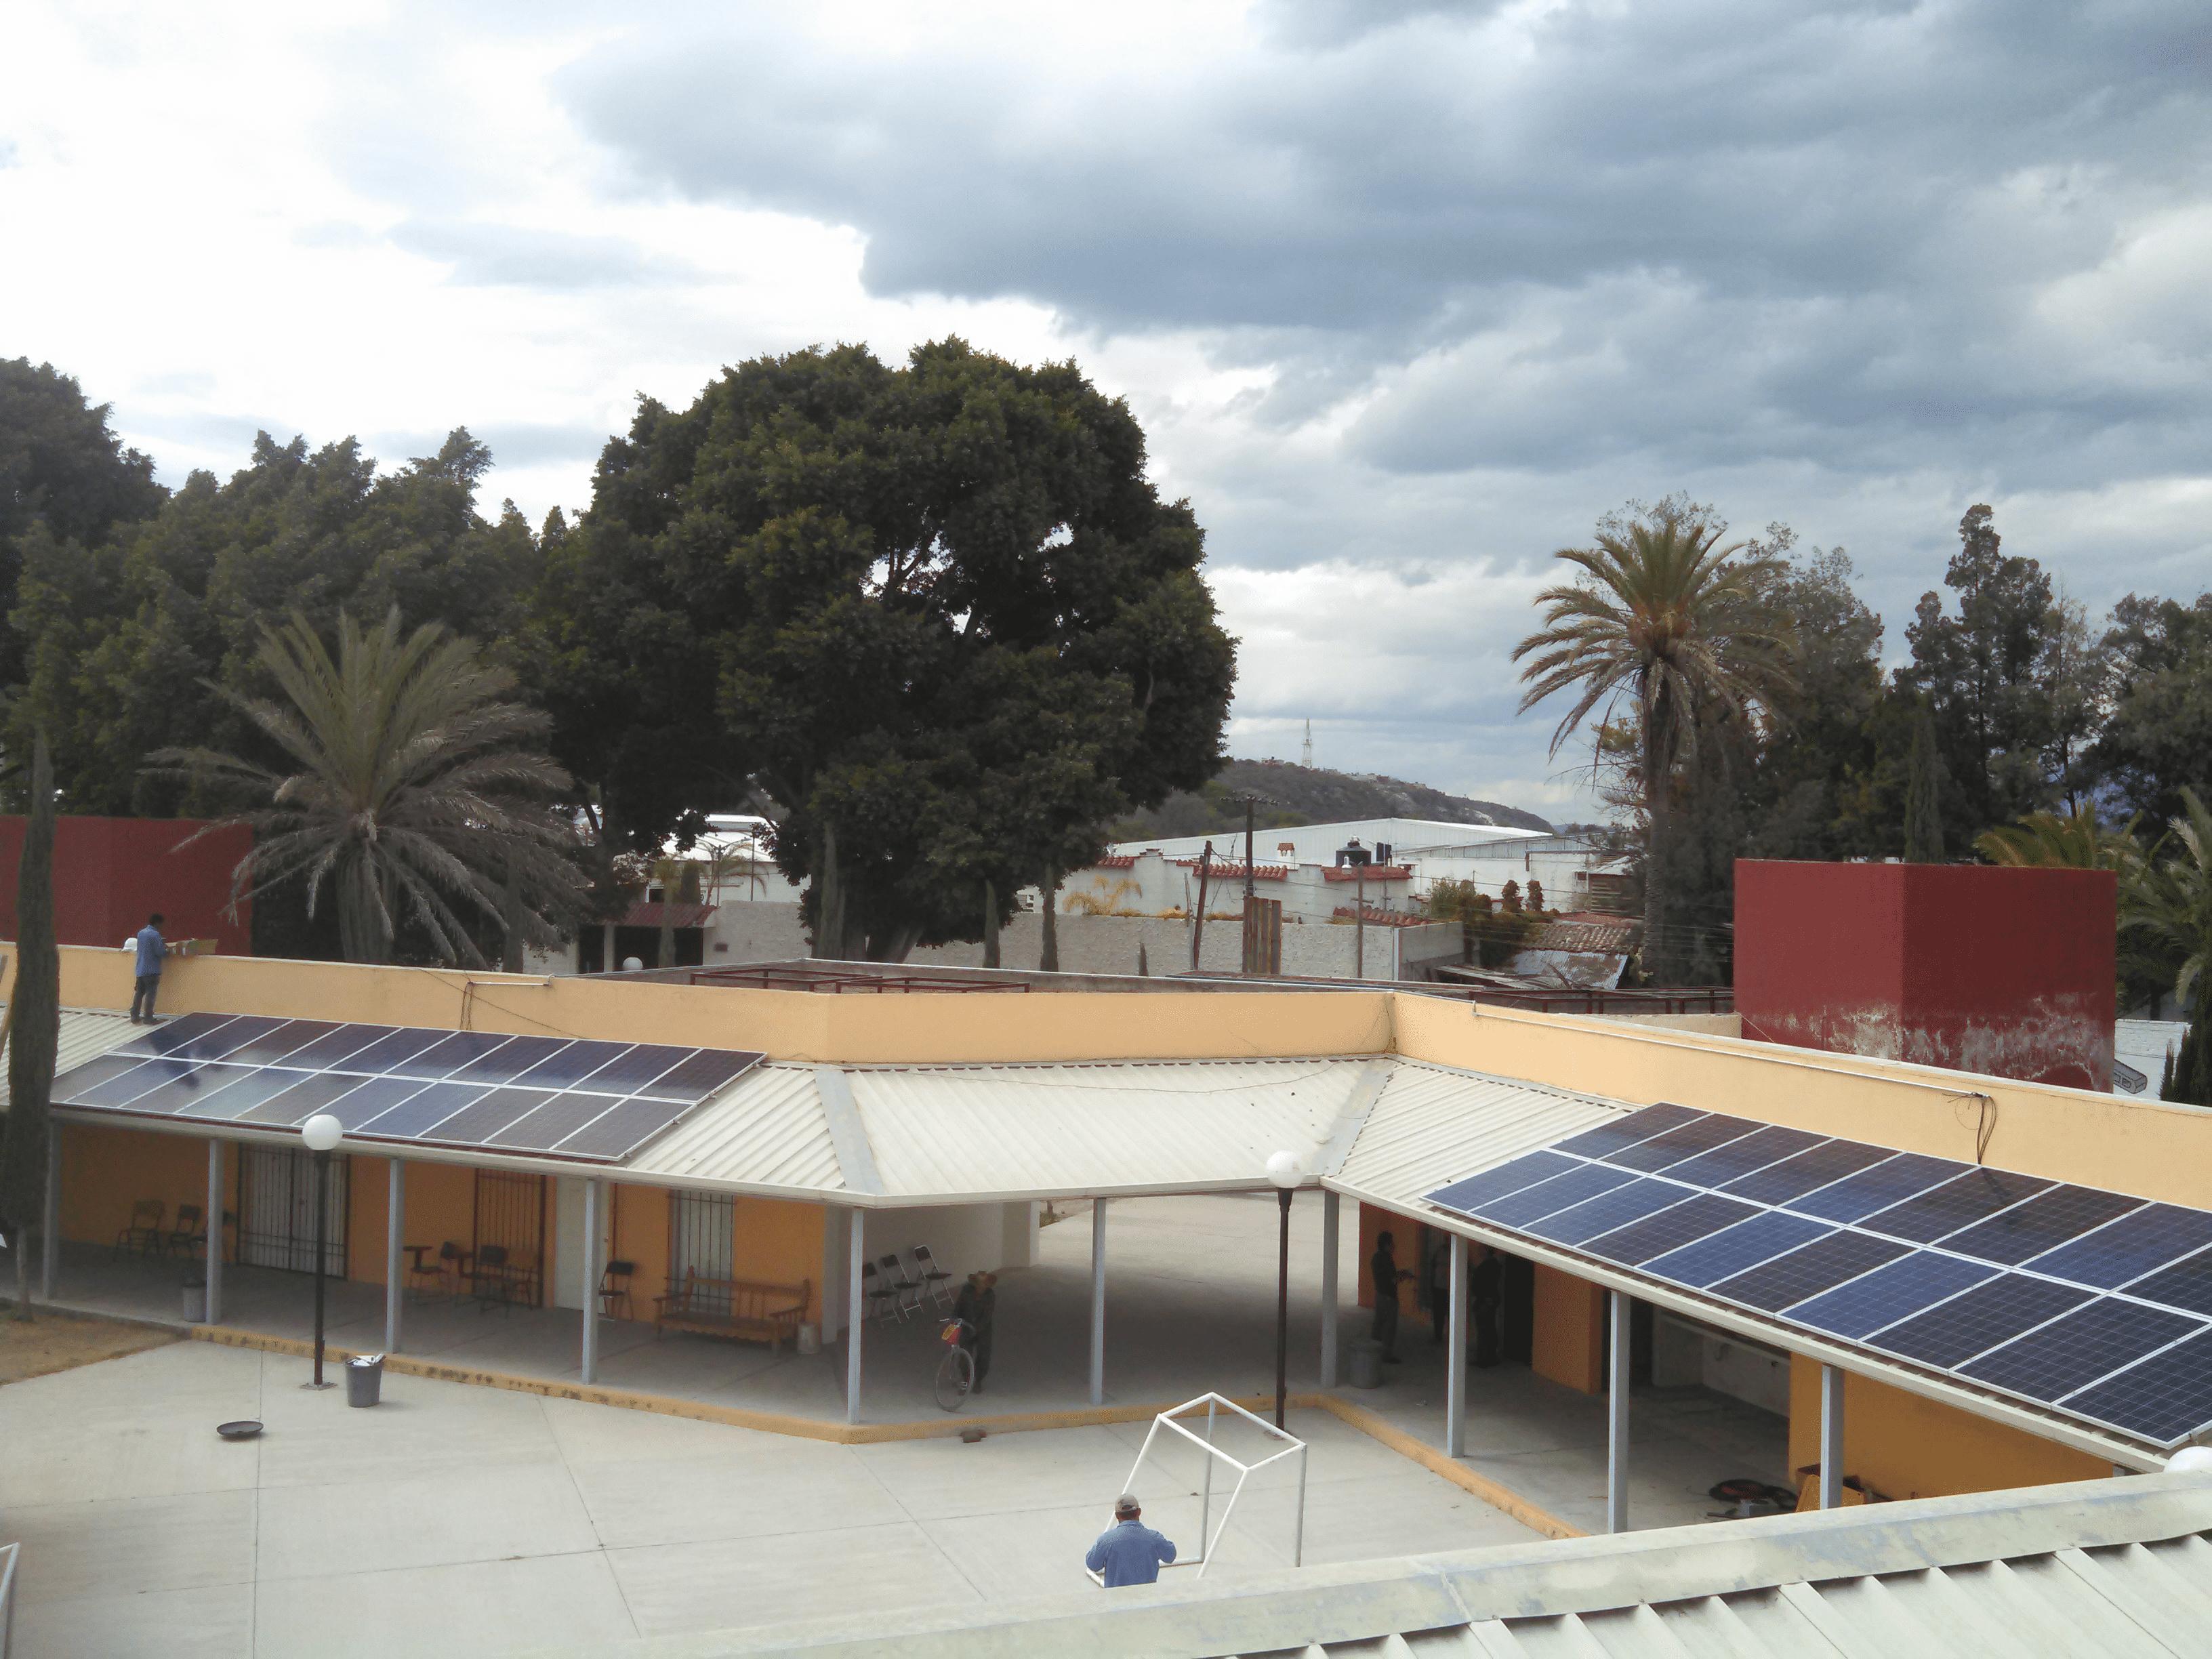 legal paneles solares México